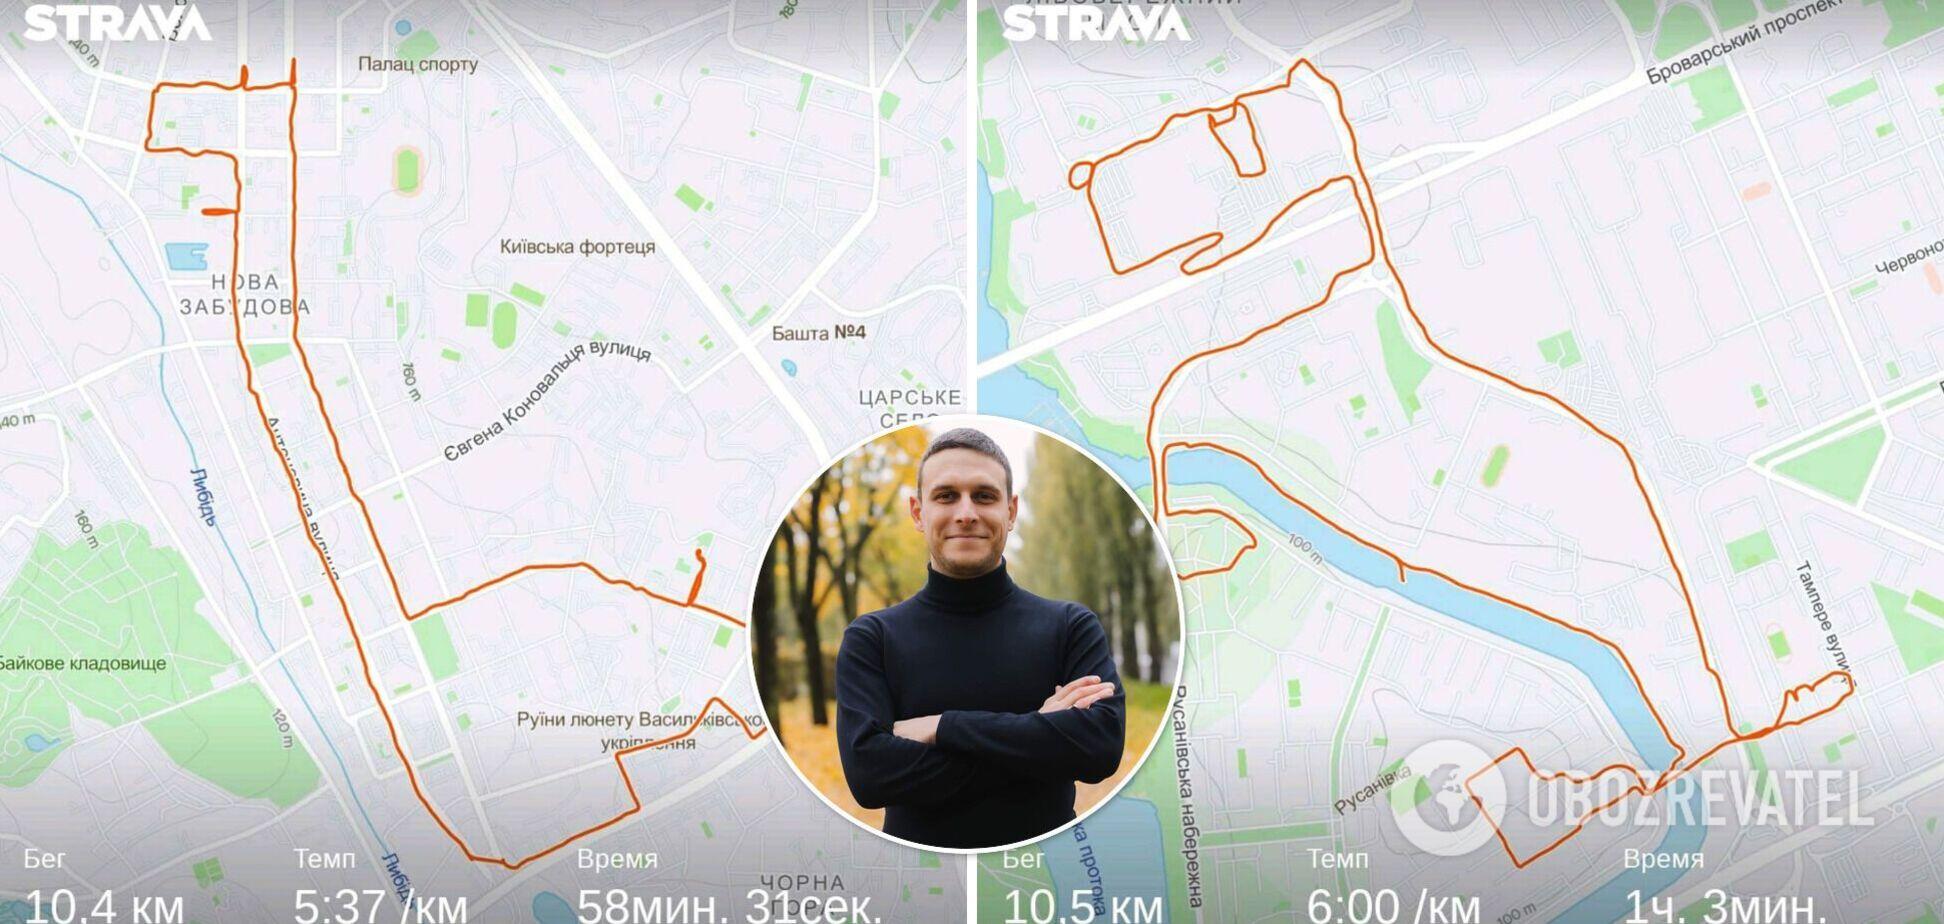 Жирафа, птах, слон: у Києві чоловік створює унікальні малюнки на мапі власних пробіжок. Фото